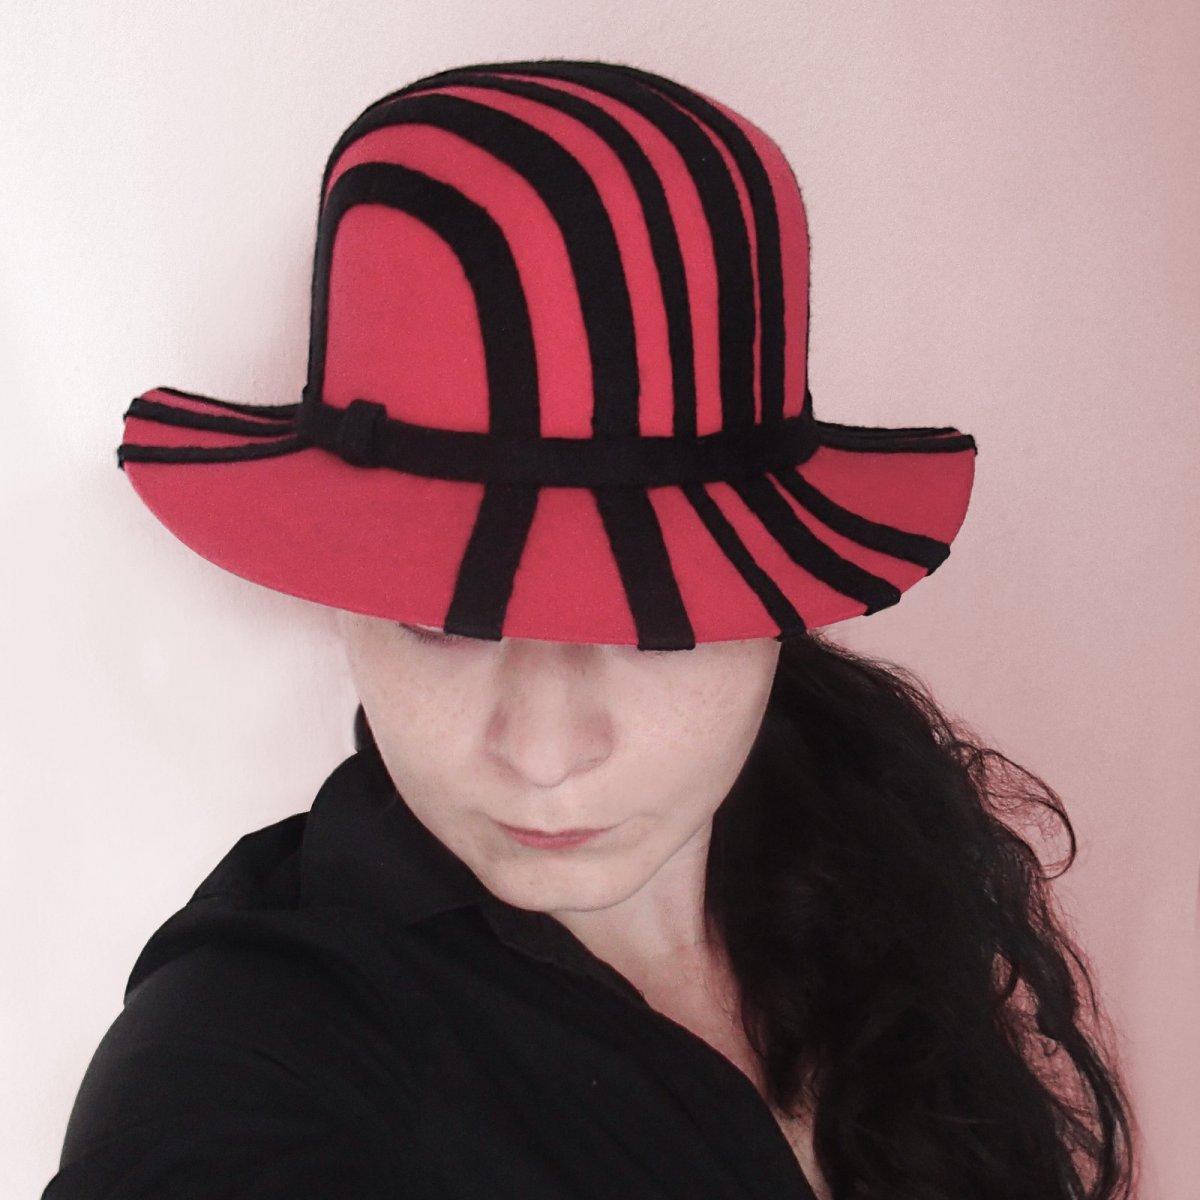 53ec8cd5fb0 Dámský plstěný klobouk červeno-černý – Potvor - pomáhat tvořit